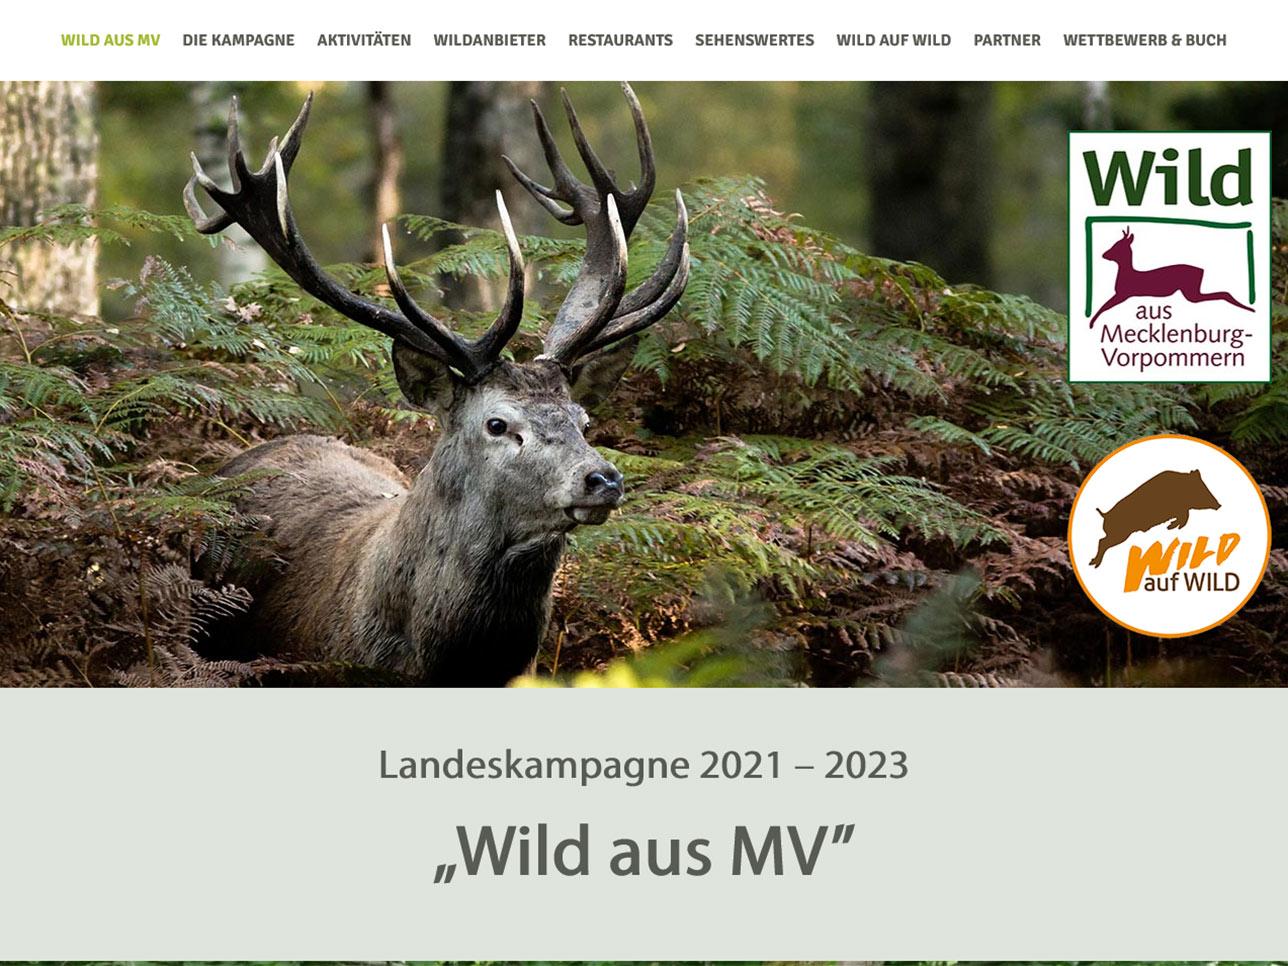 Wild aus MV